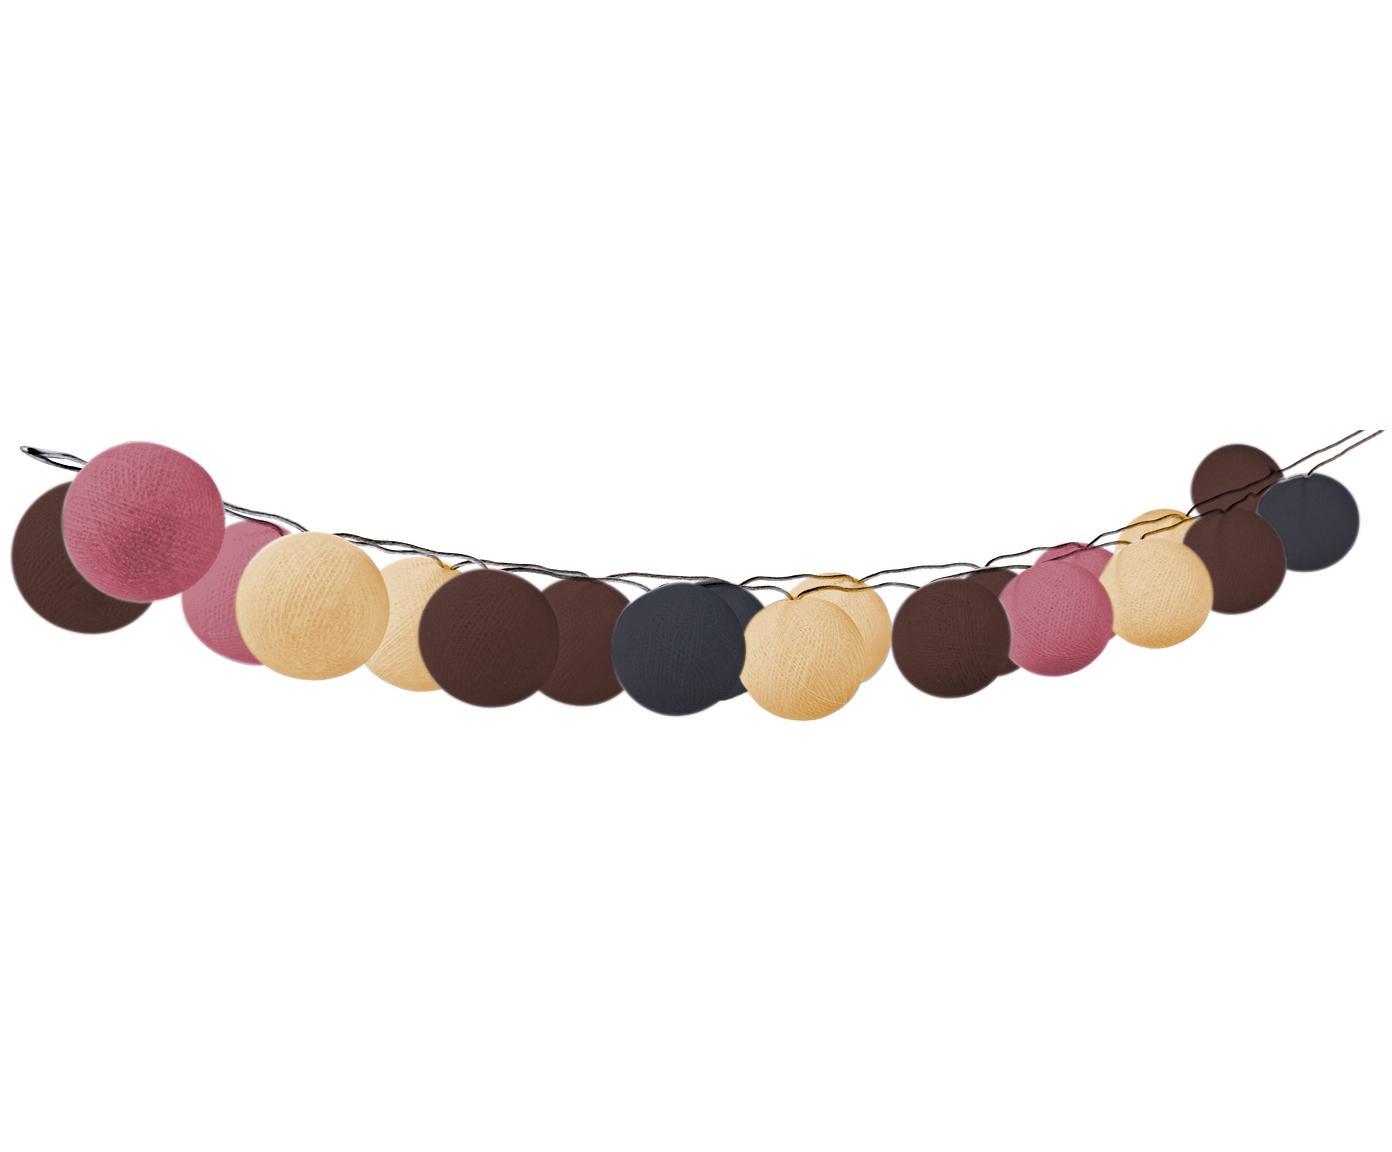 Girlanda świetlna LED Bellin, 320 cm, Brązowy, beżowy, czarny, blady różowy, D 320 cm